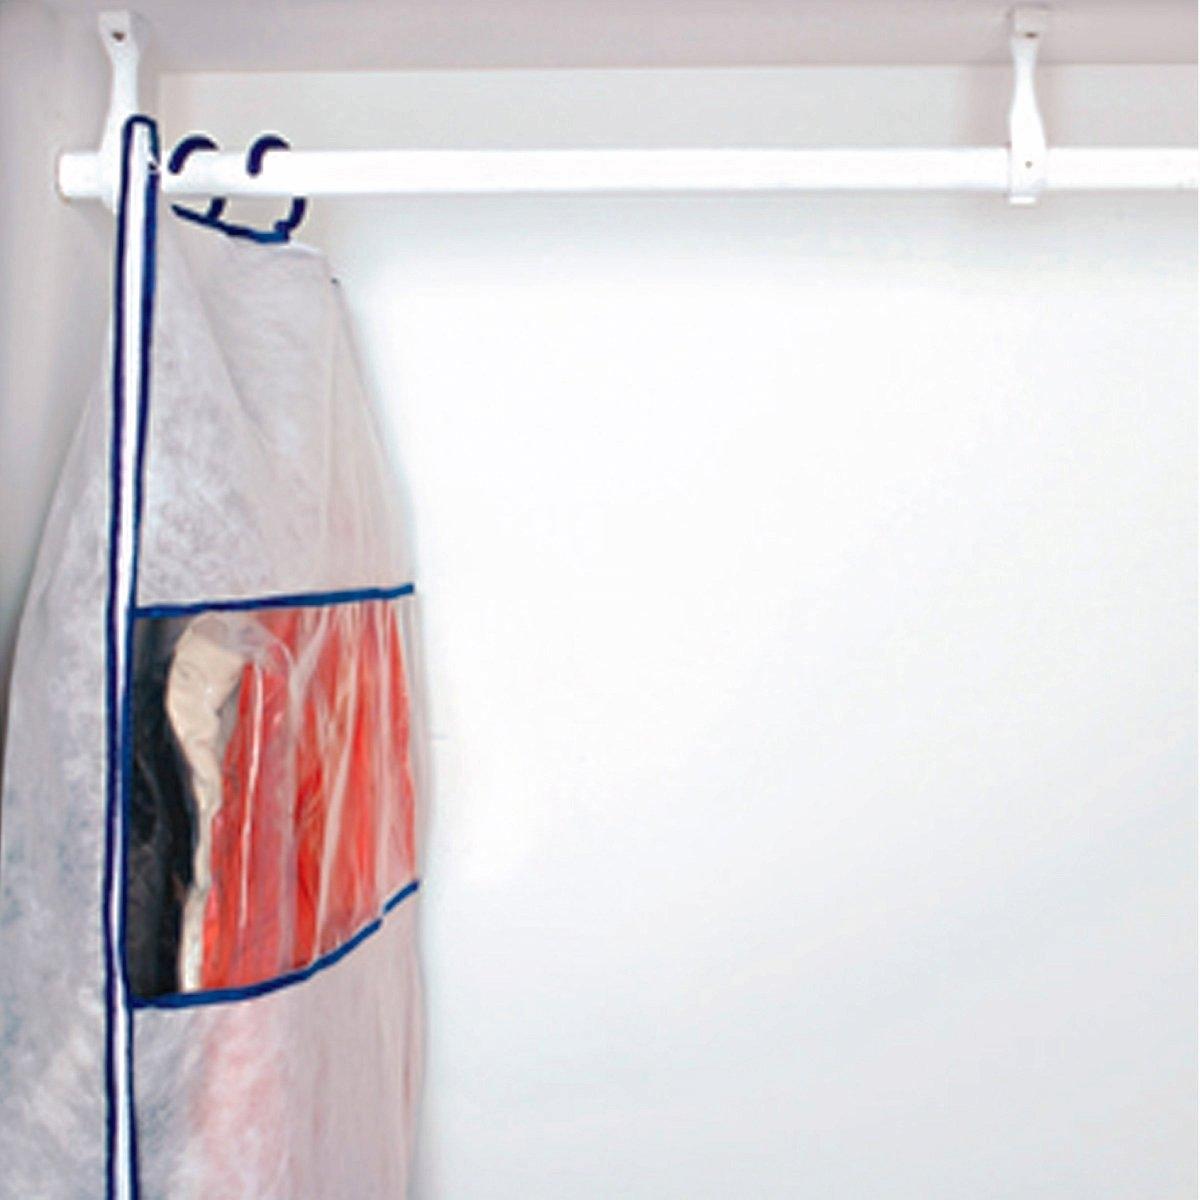 2 чехла для хранения вакуумных + 1 чехол тканныйЭкономия места в вашем шкафу  ! 2 вакуумных чехла с системой откачки воздуха с помощью пылесоса + 1 защитный чехол из ткани . ОПИСАНИЕ ЧЕХЛА : В комплект входит  :2 вакуумных чехла :  из пластичного прозрачного материала для вещей на вешалке, застежка на молнию  . Откачка воздуха с помощью пылесоса  .- 1 чехол из ткани : белого цвета с синей окантовкой с окошком из прозрачного пластика спереди . Застежка на молнию. Продается с 2 крючками для крепления на вакуумные чехлы  .Размеры : - Вакуумный чехол : 70 x 144 см  .- Чехол из ткани :  72 x 150 см .<br><br>Цвет: белый/синяя отделка